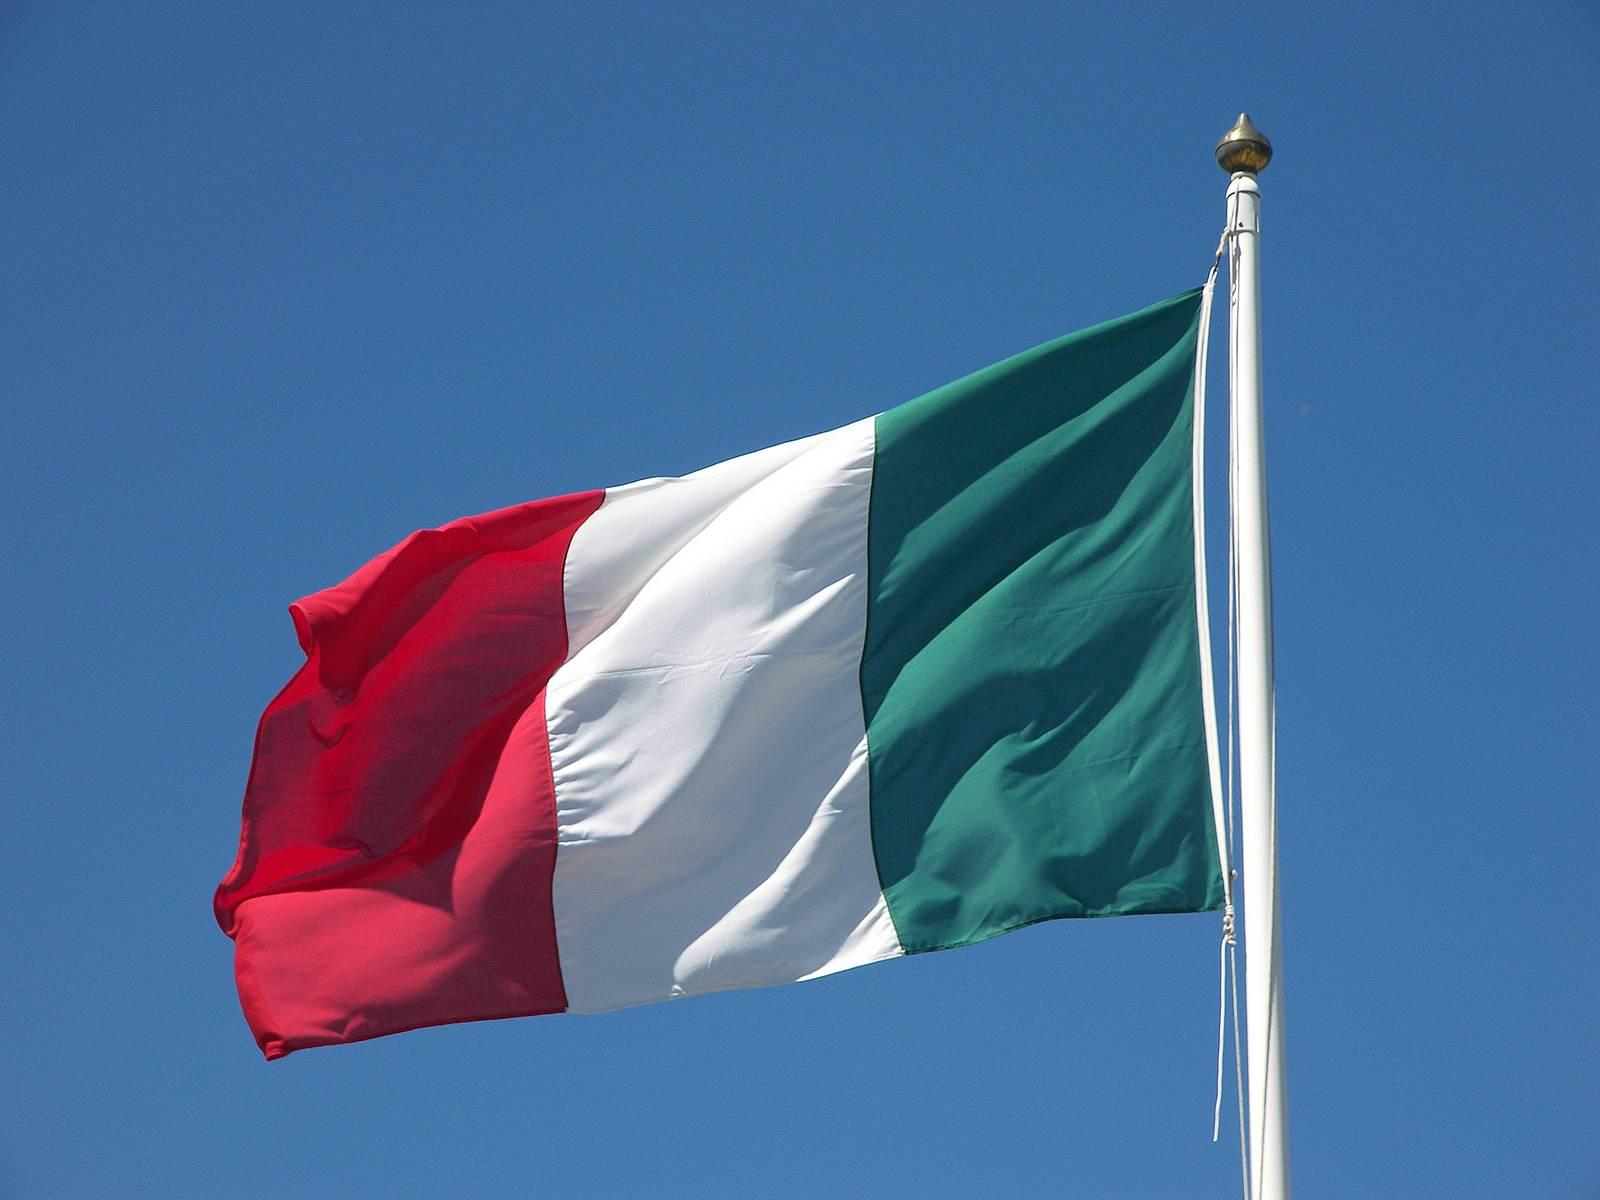 """مؤسسة """"فيتش"""" تتوقع تراجع الاقتصاد الإيطالي بنسبة 8 % العام الحالي"""